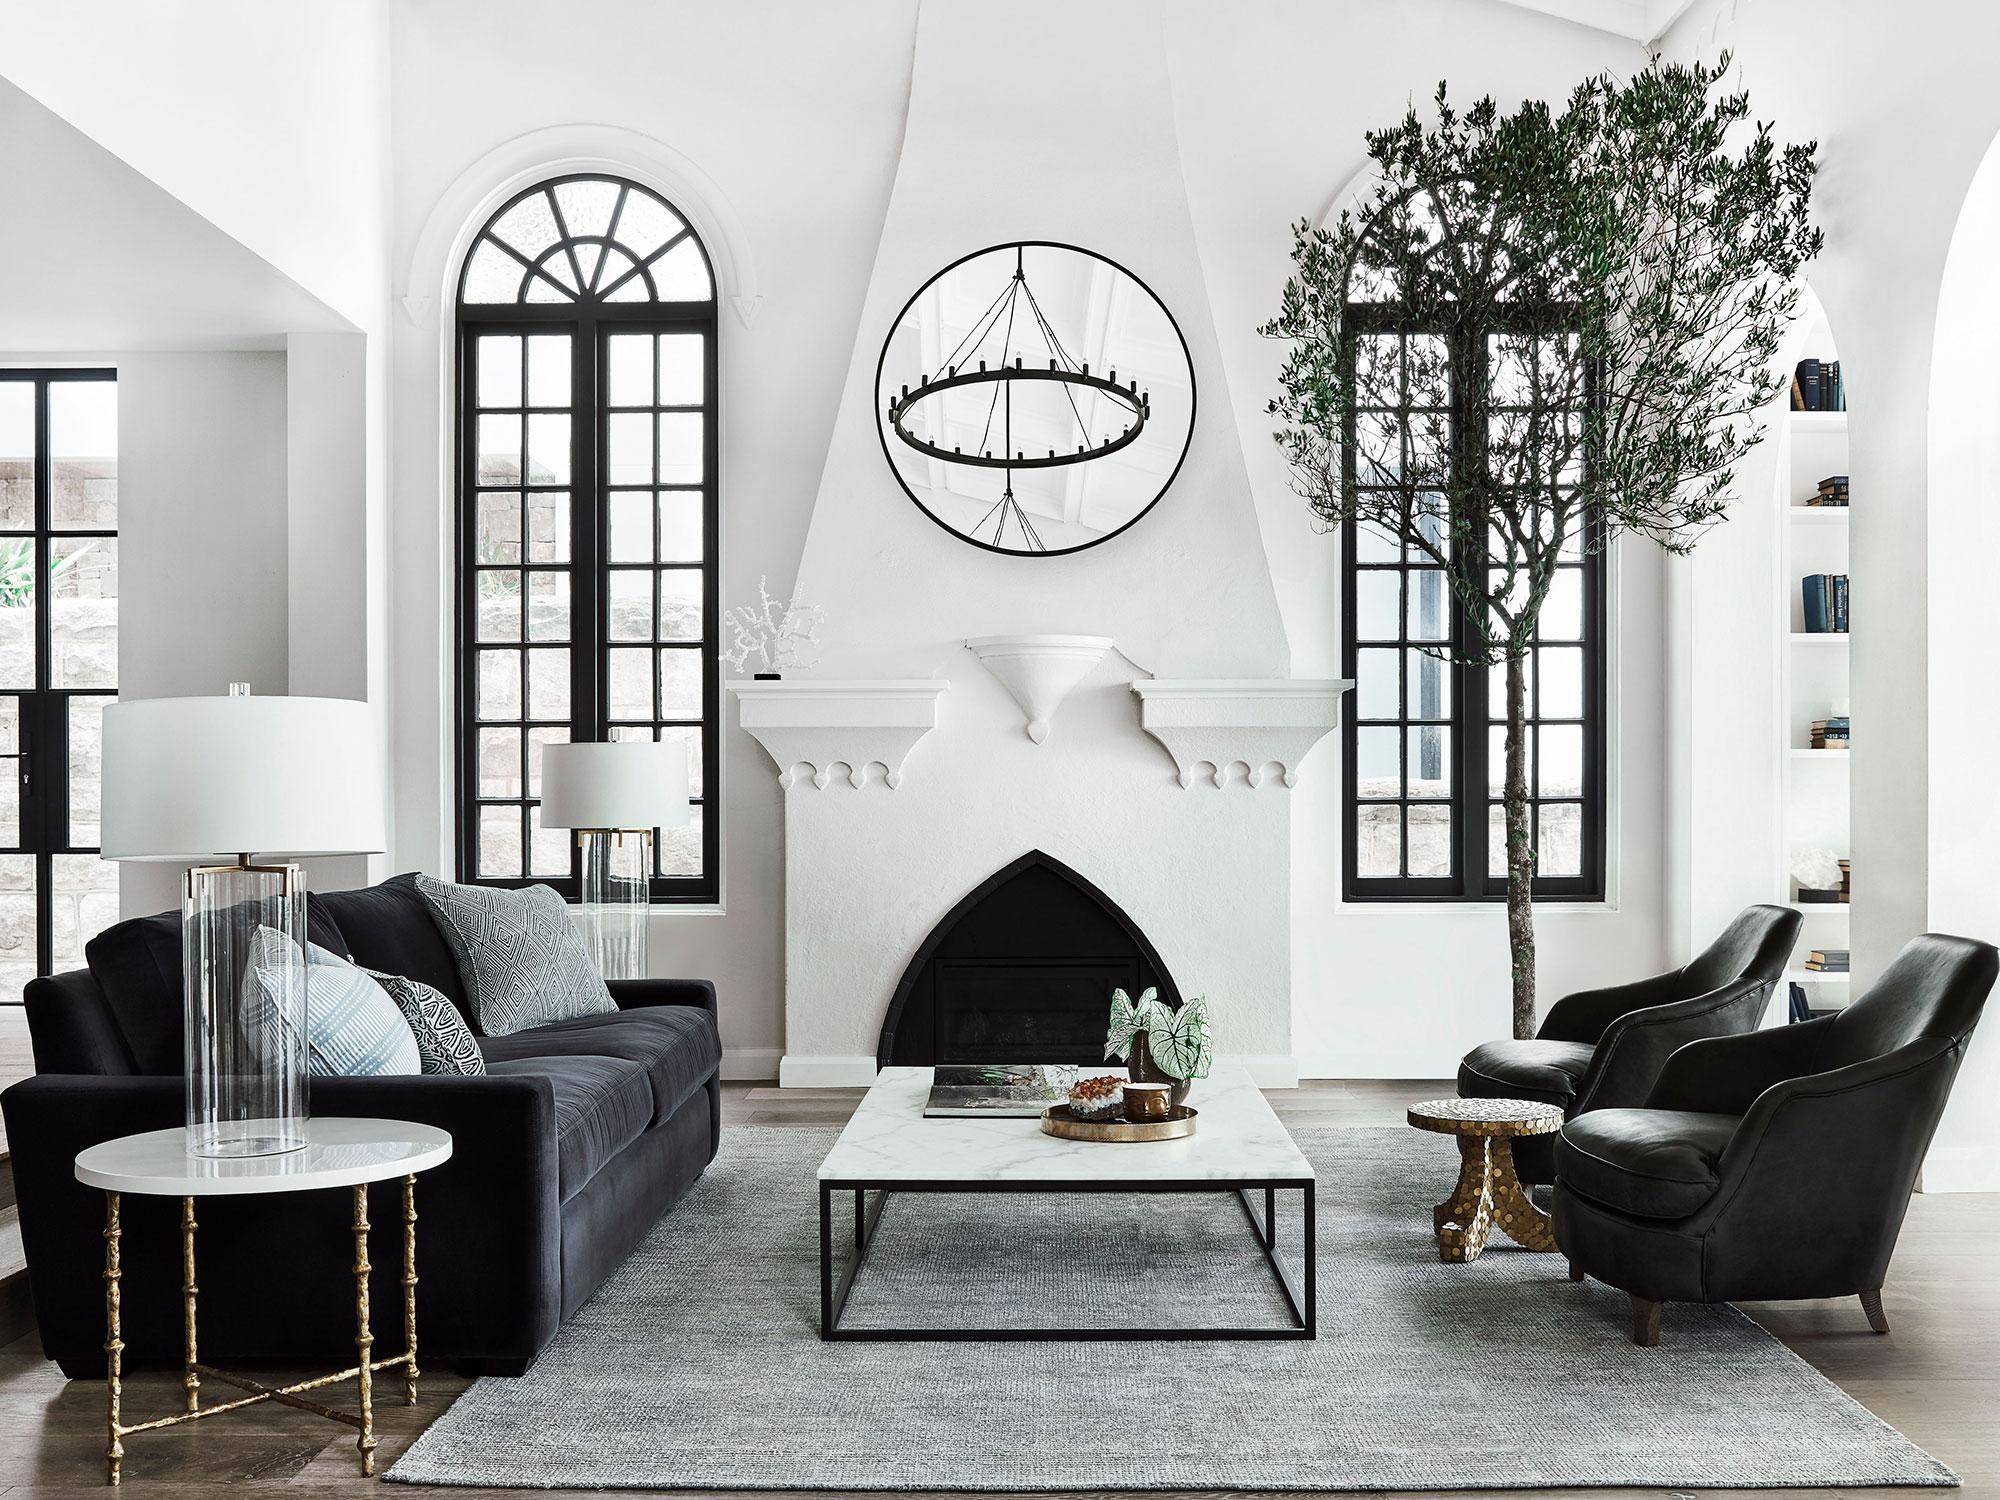 8 Beautiful Living Room Ideas  realestatecomau